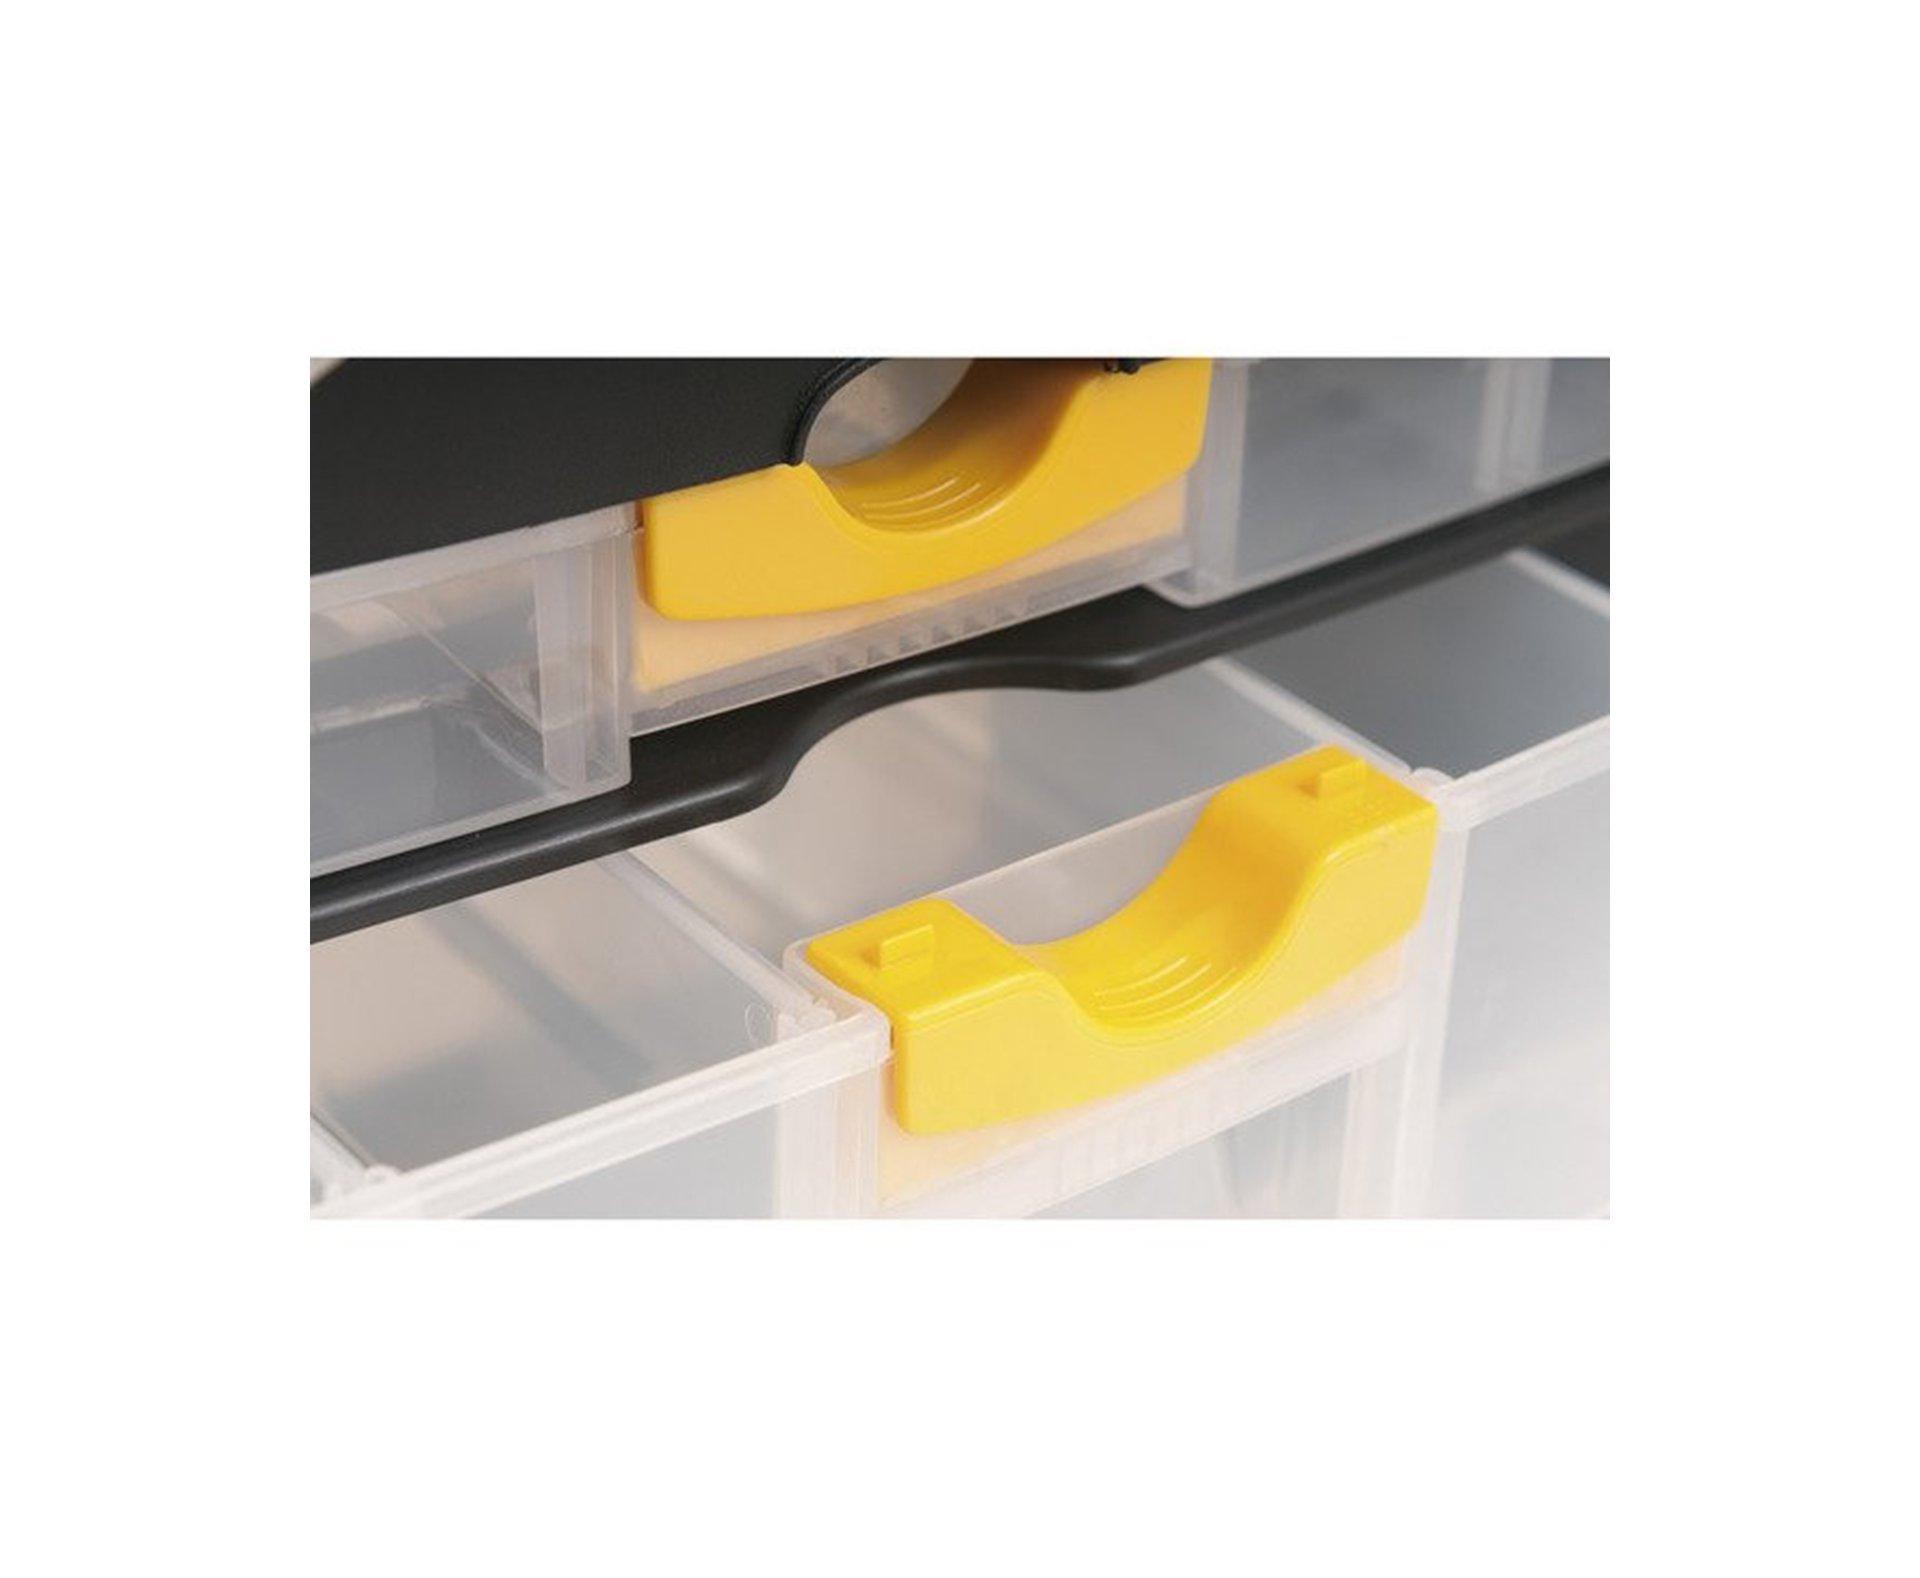 Organizador Vonder Plastico 3 Gavetas 40cm X 20cm X 28,5cm Opv0400